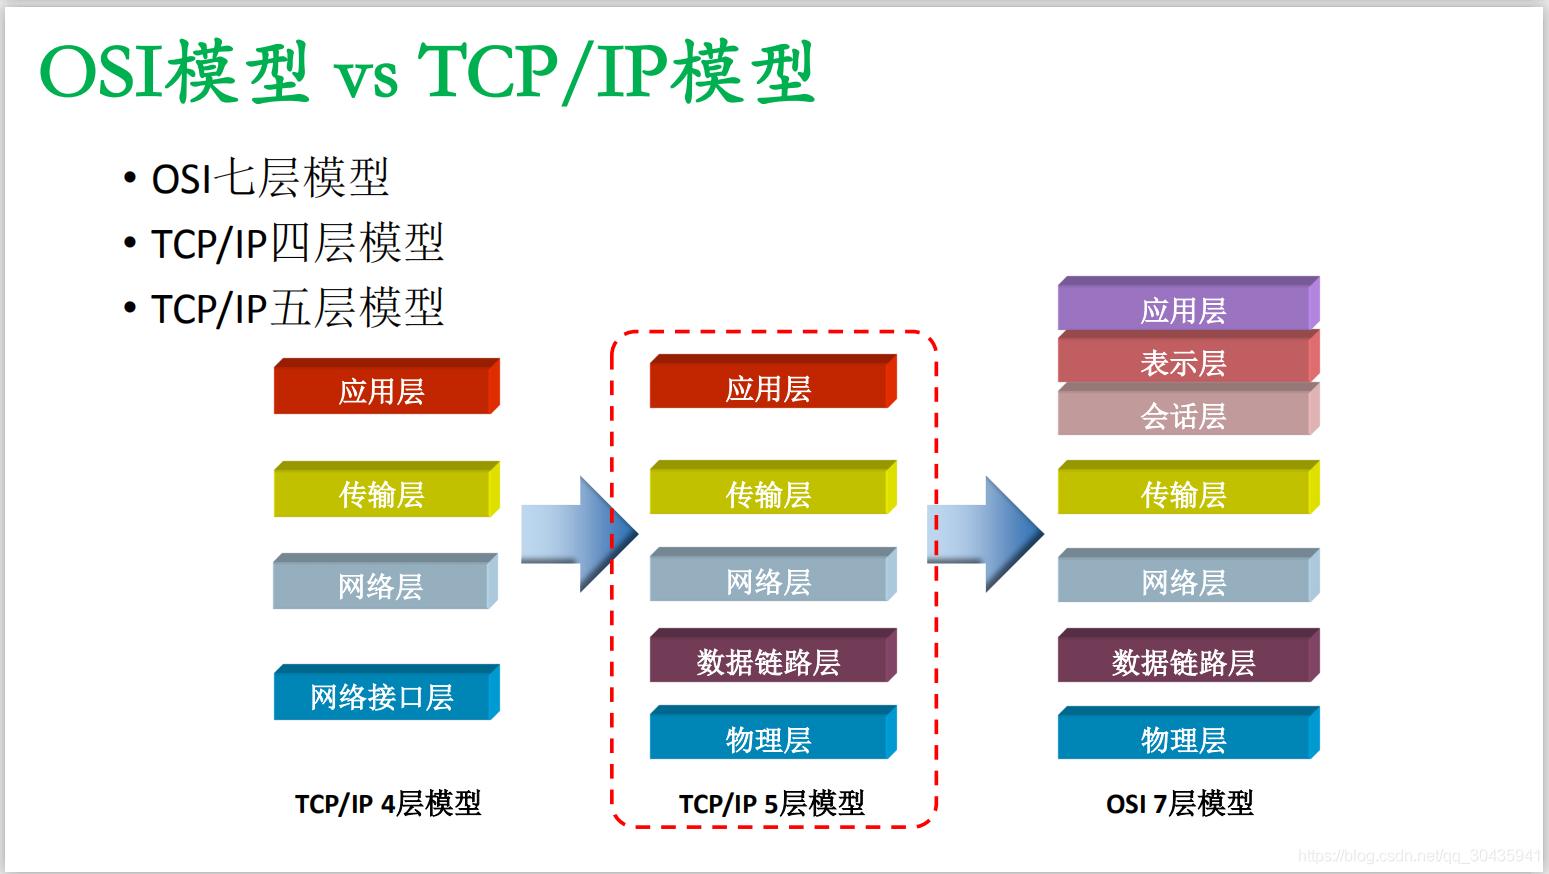 TCP/IP 4层、5层模型与OSI七层模型